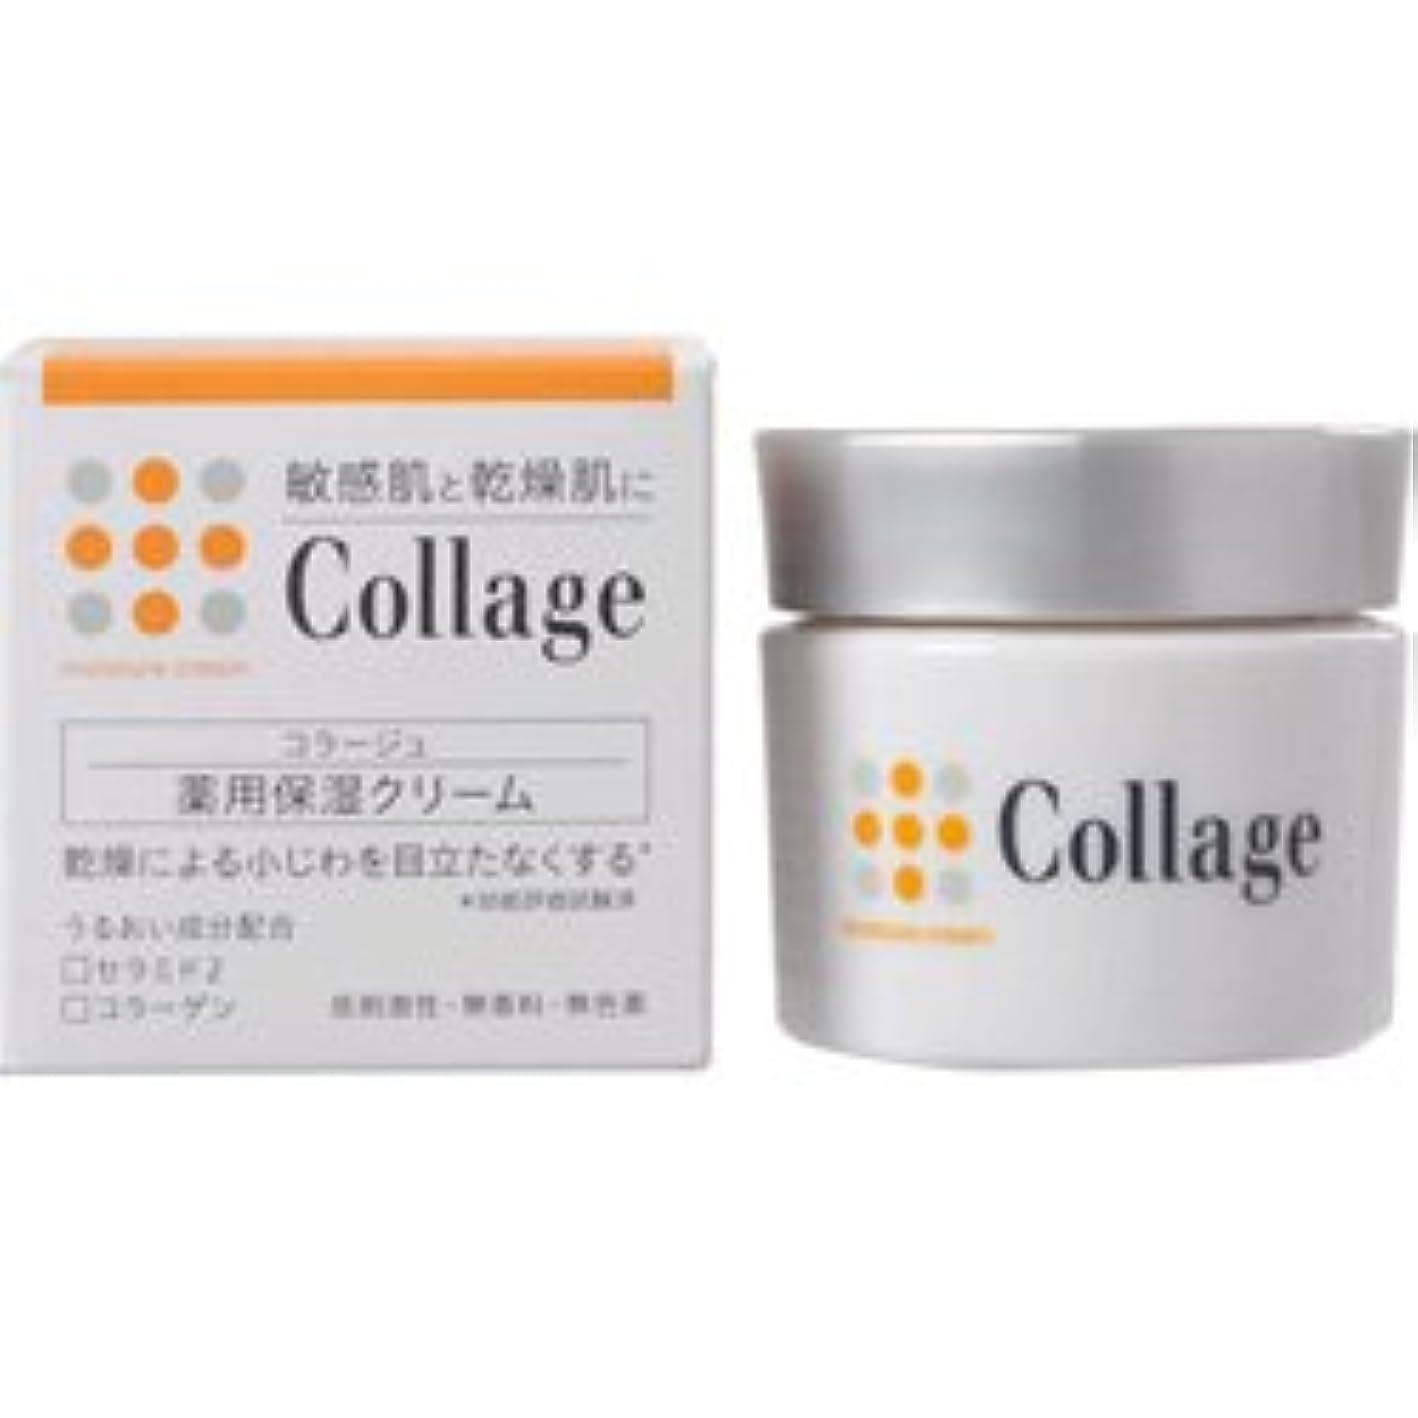 免疫する階下悲しいことに【持田ヘルスケア】 コラージュ薬用保湿クリーム 30g (医薬部外品) ×10個セット